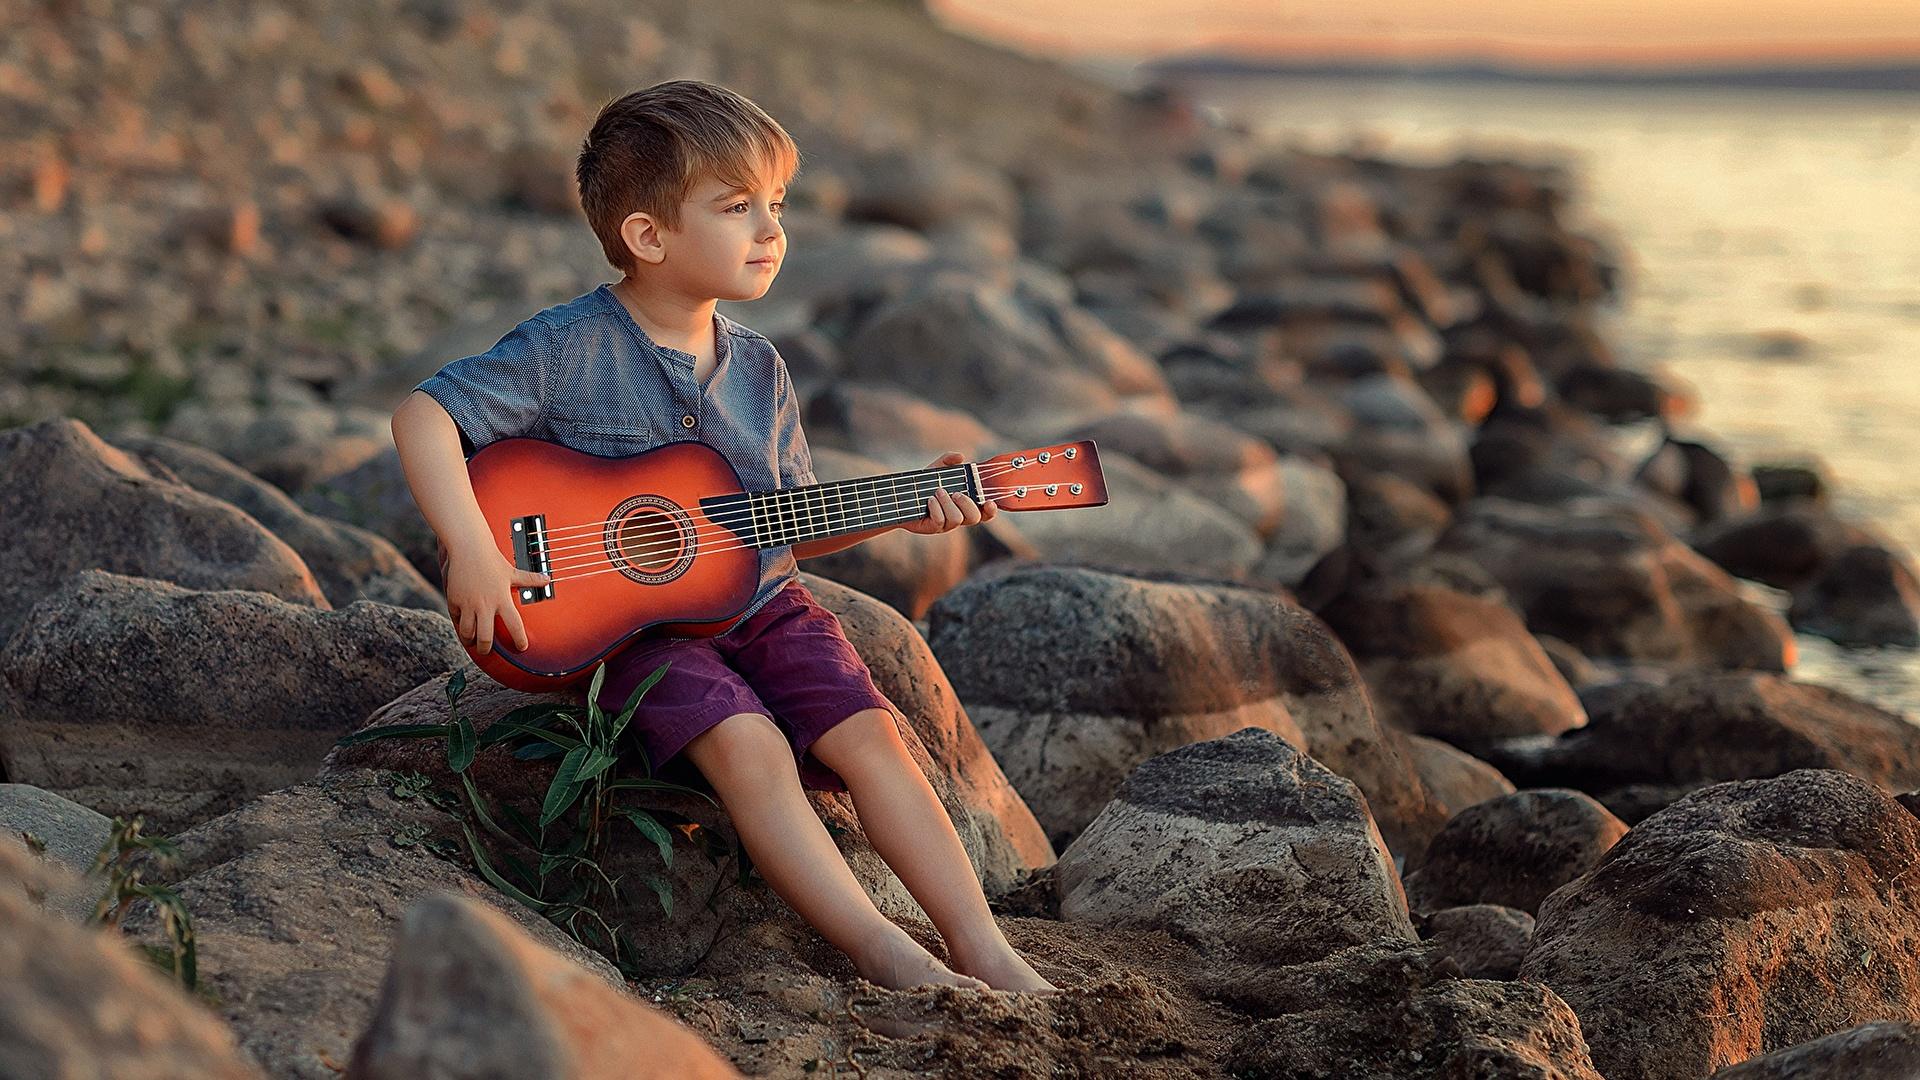 Fotos von jungen Gitarre Victoria Dubrovskaya Kinder sitzen Steine 1920x1080 Junge sitzt Sitzend